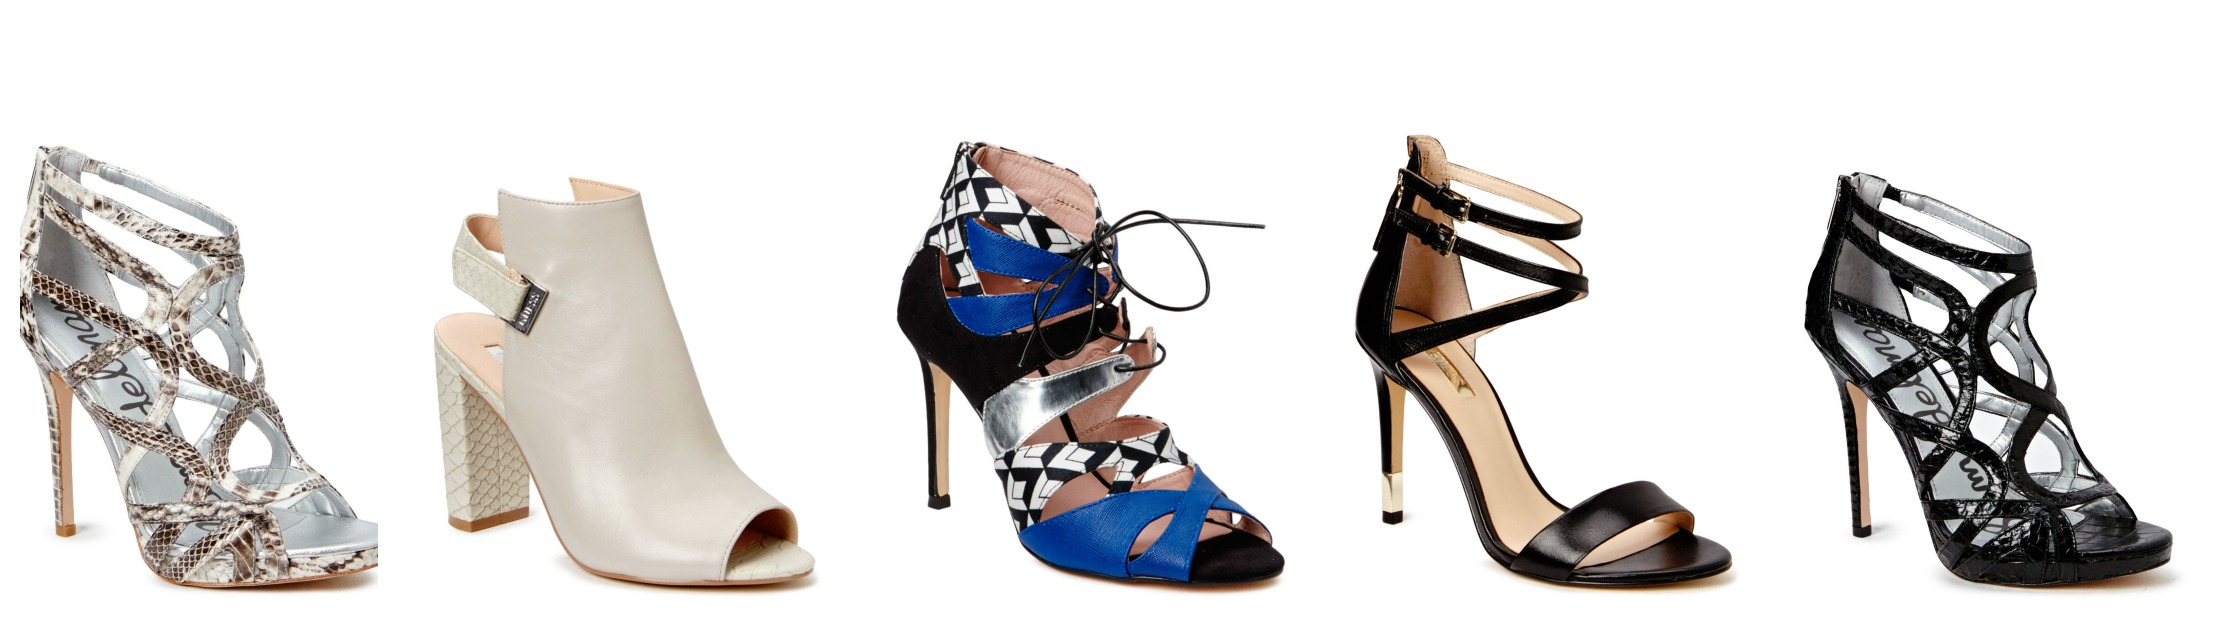 PicMonkey shoes